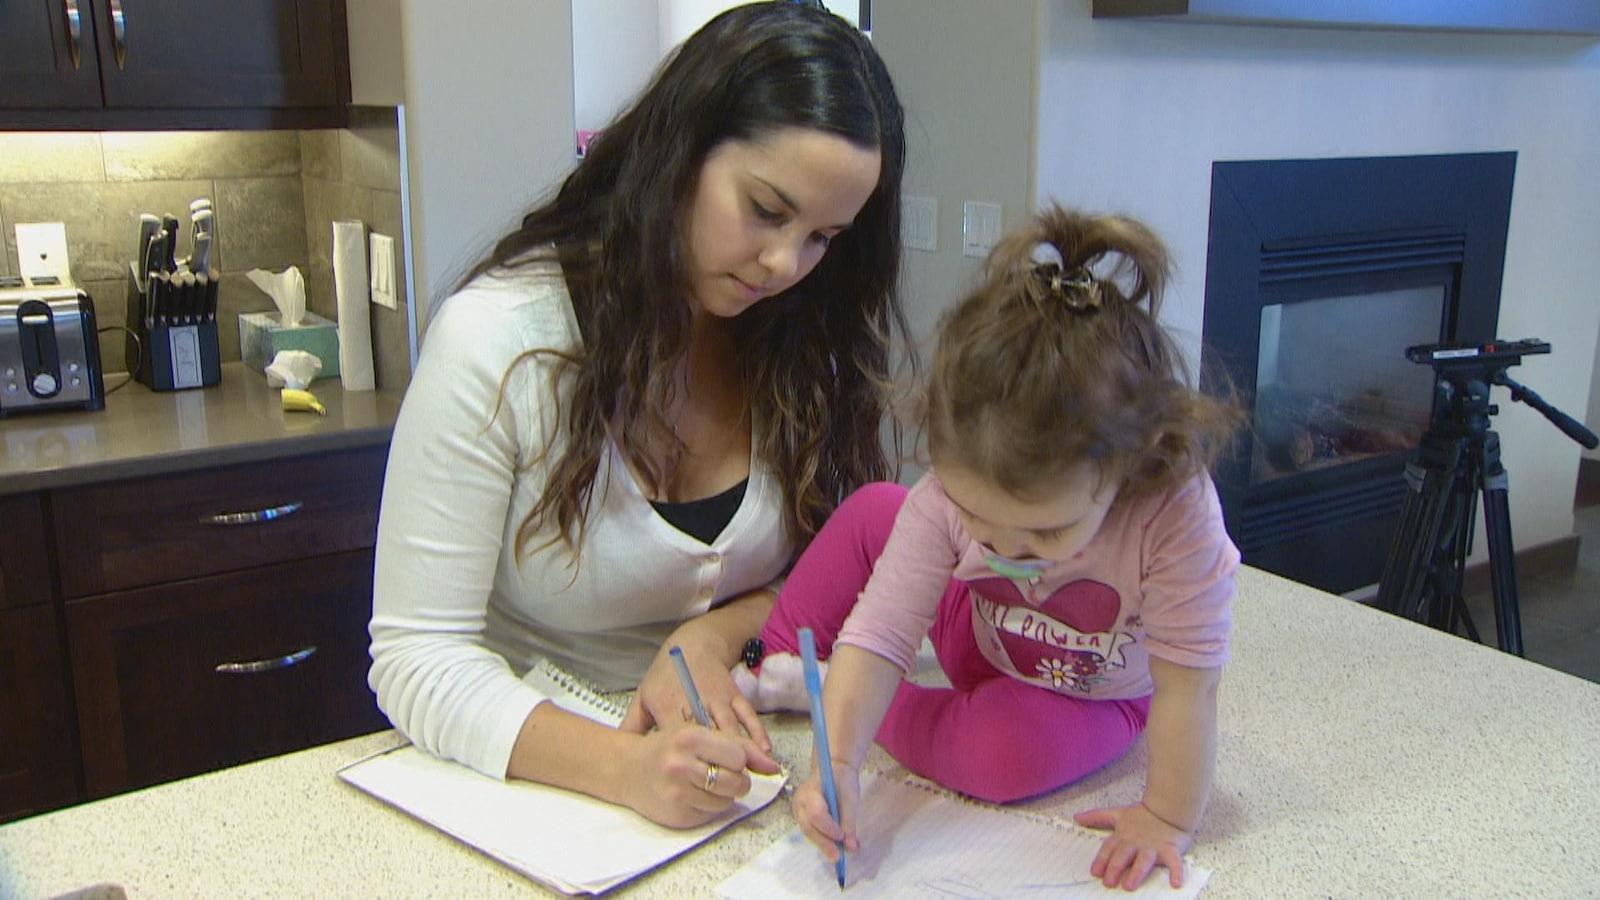 Une jeune femme et une petite fille écrivent chacune sur une feuille de papier, dans une cuisine.